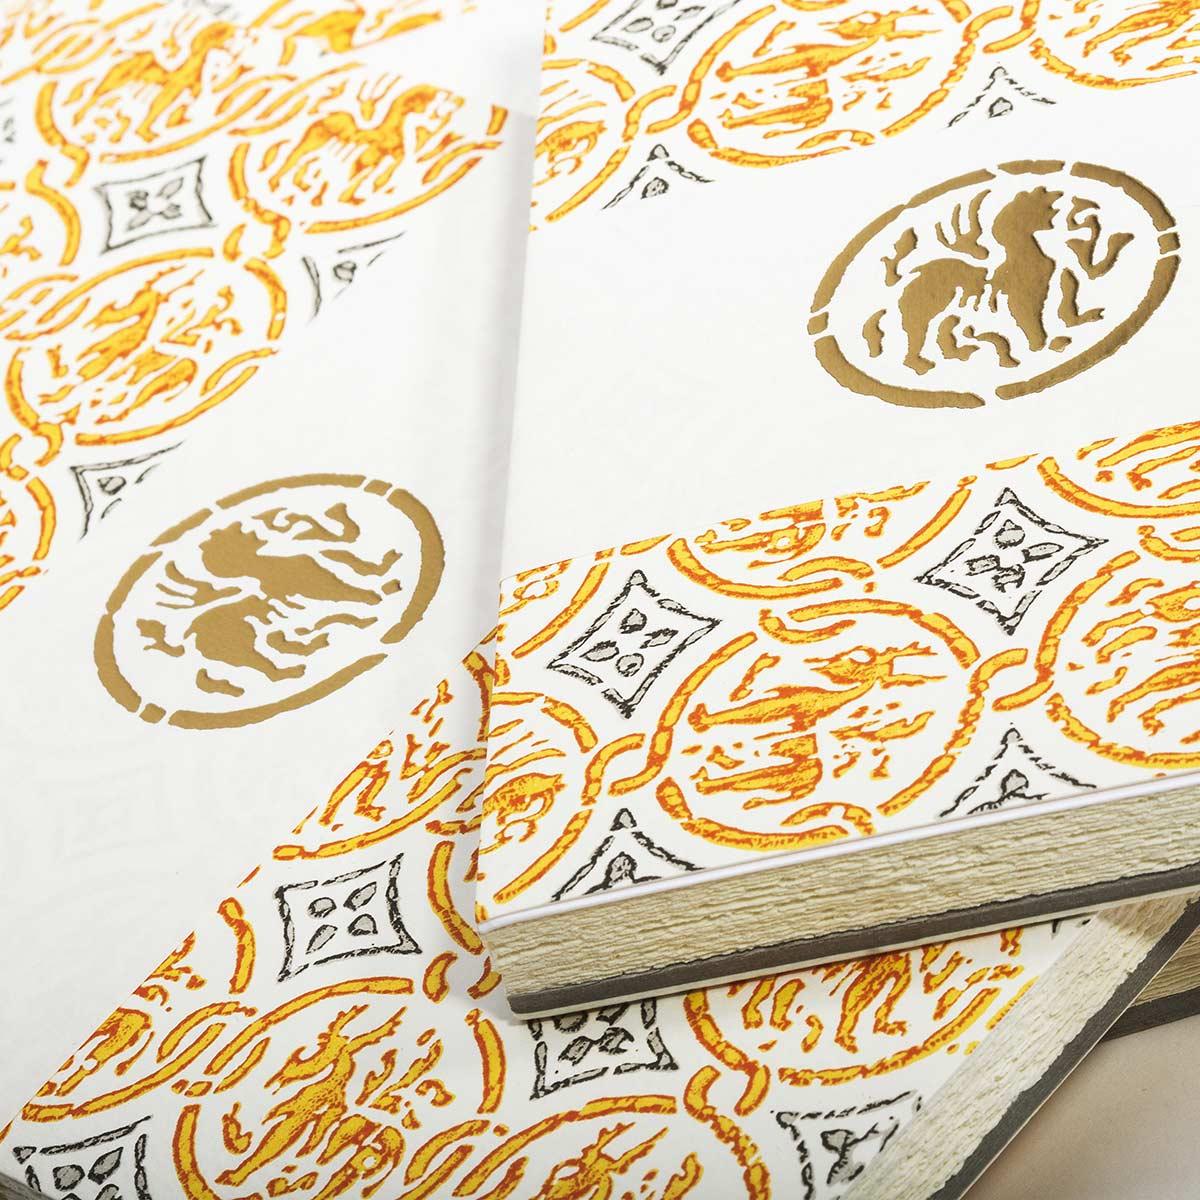 Carta sfrangiata con decori oro